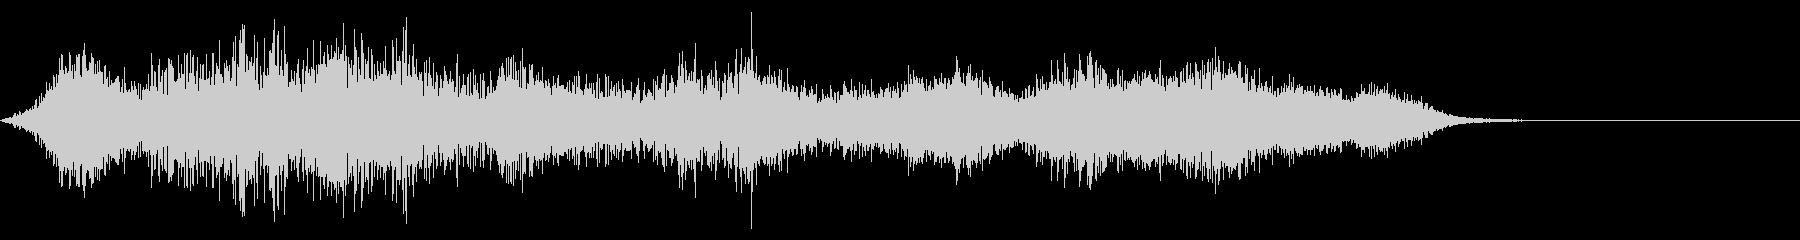 【ホラー・ゲーム】モンスターの声_04の未再生の波形